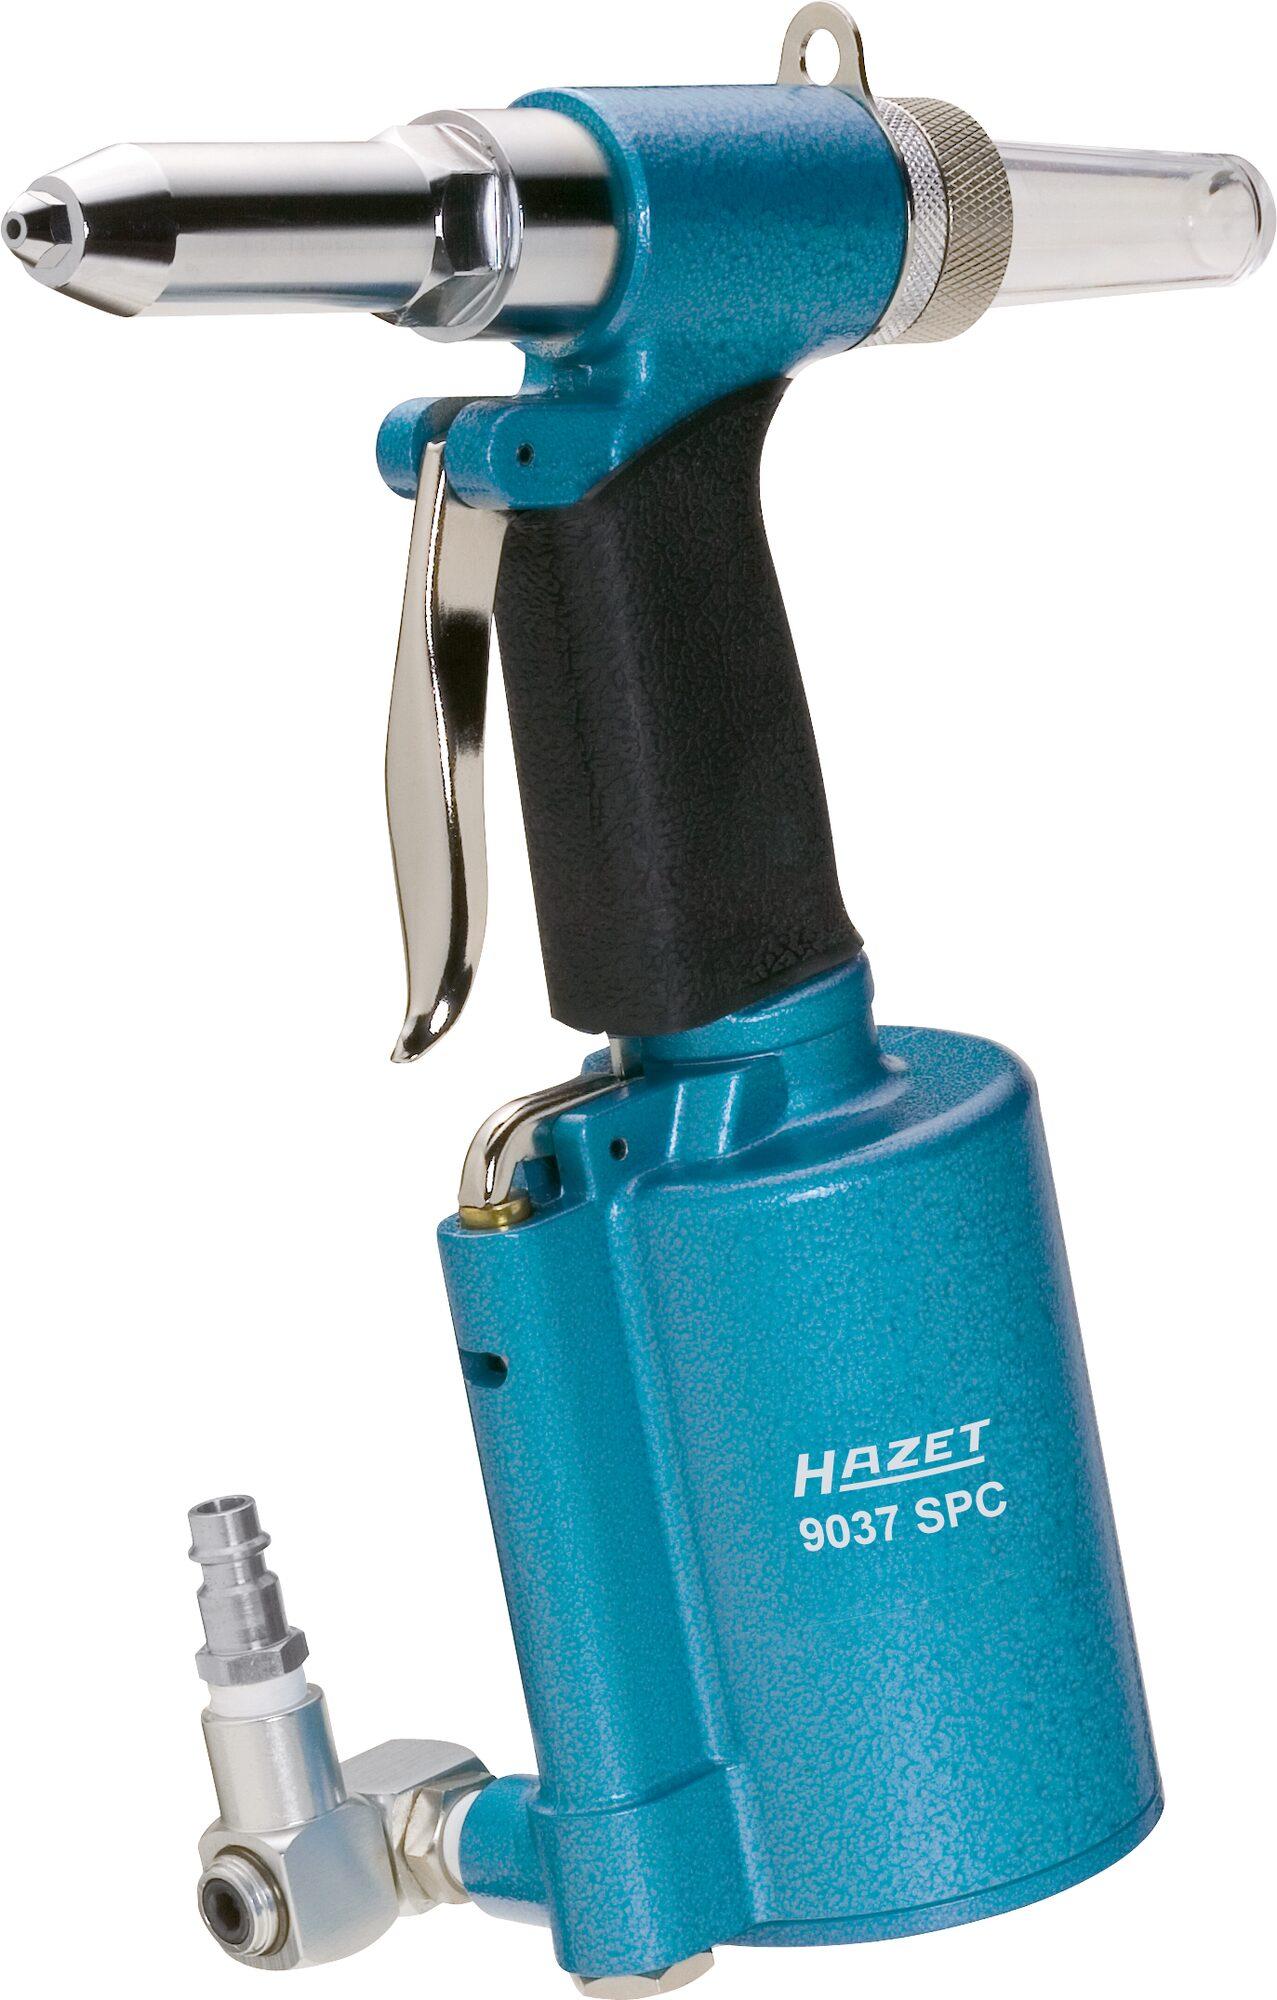 HAZET Blindniet-Pistole 9037SPC